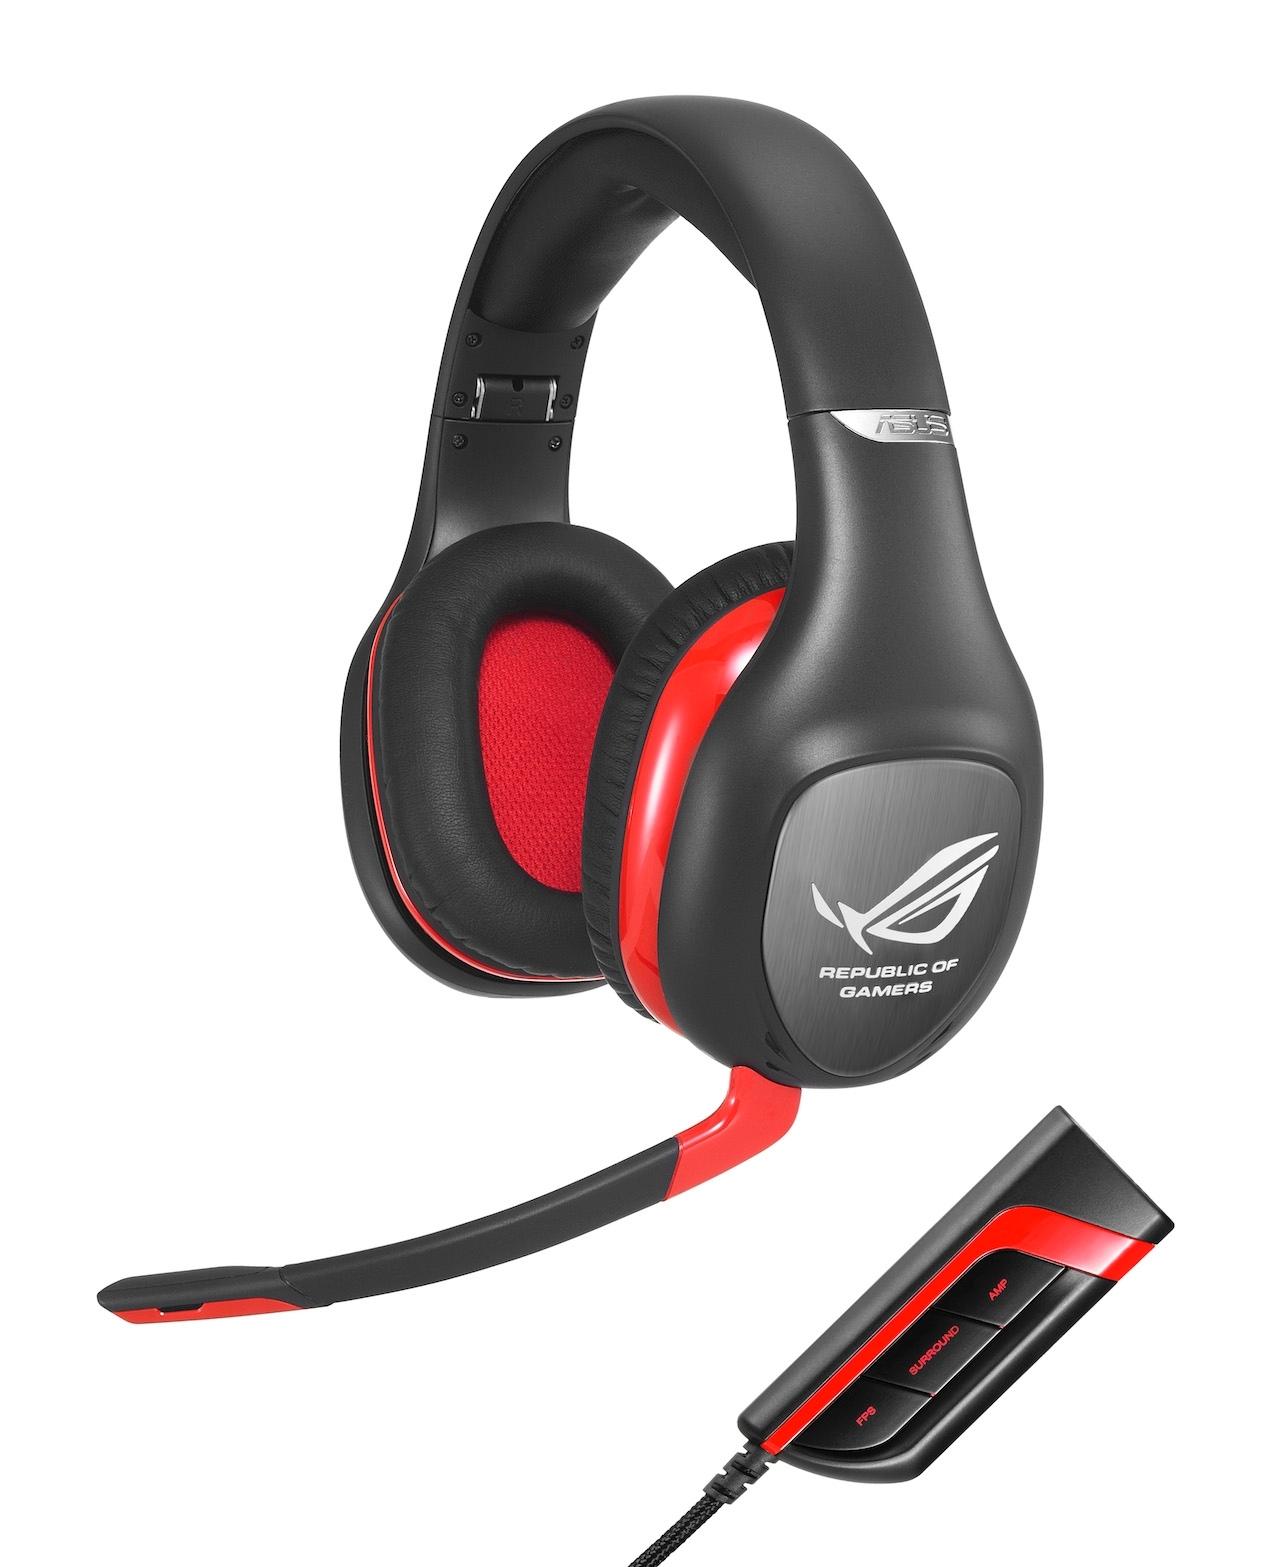 Игровая гарнитура Asus Vulcan Pro, Black Red90-YAHI7180-UA00-Новая модель игровой гарнитуры серии Republic of Gamers предлагает всем любителям компьютерных игр высочайшее качество звучания и точное позиционирование источников звука в пространстве. Аудиопроцессор ROG Spitfire, технологии активного и пассивного шумоподавления, продуманная конструкция для максимального комфорта пользователя – эти и другие особенности данной модели делают ее настоящим подарком для всех увлеченных геймеров!